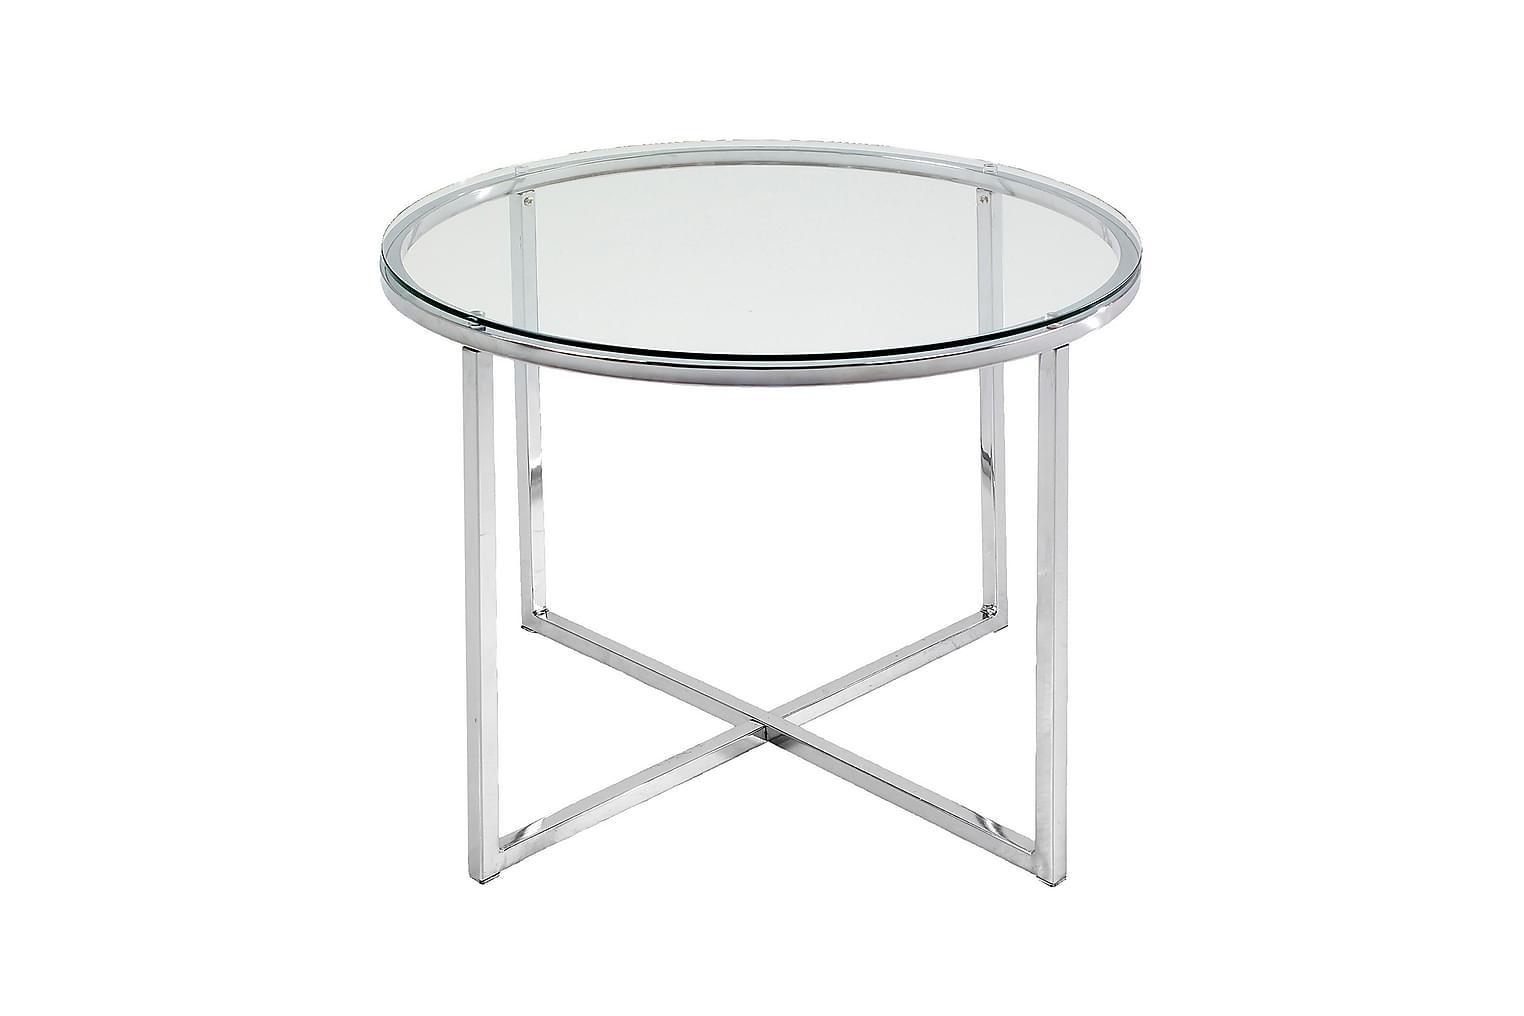 CRUZAR Sivupöytä 55 Kirkas lasi/kromi